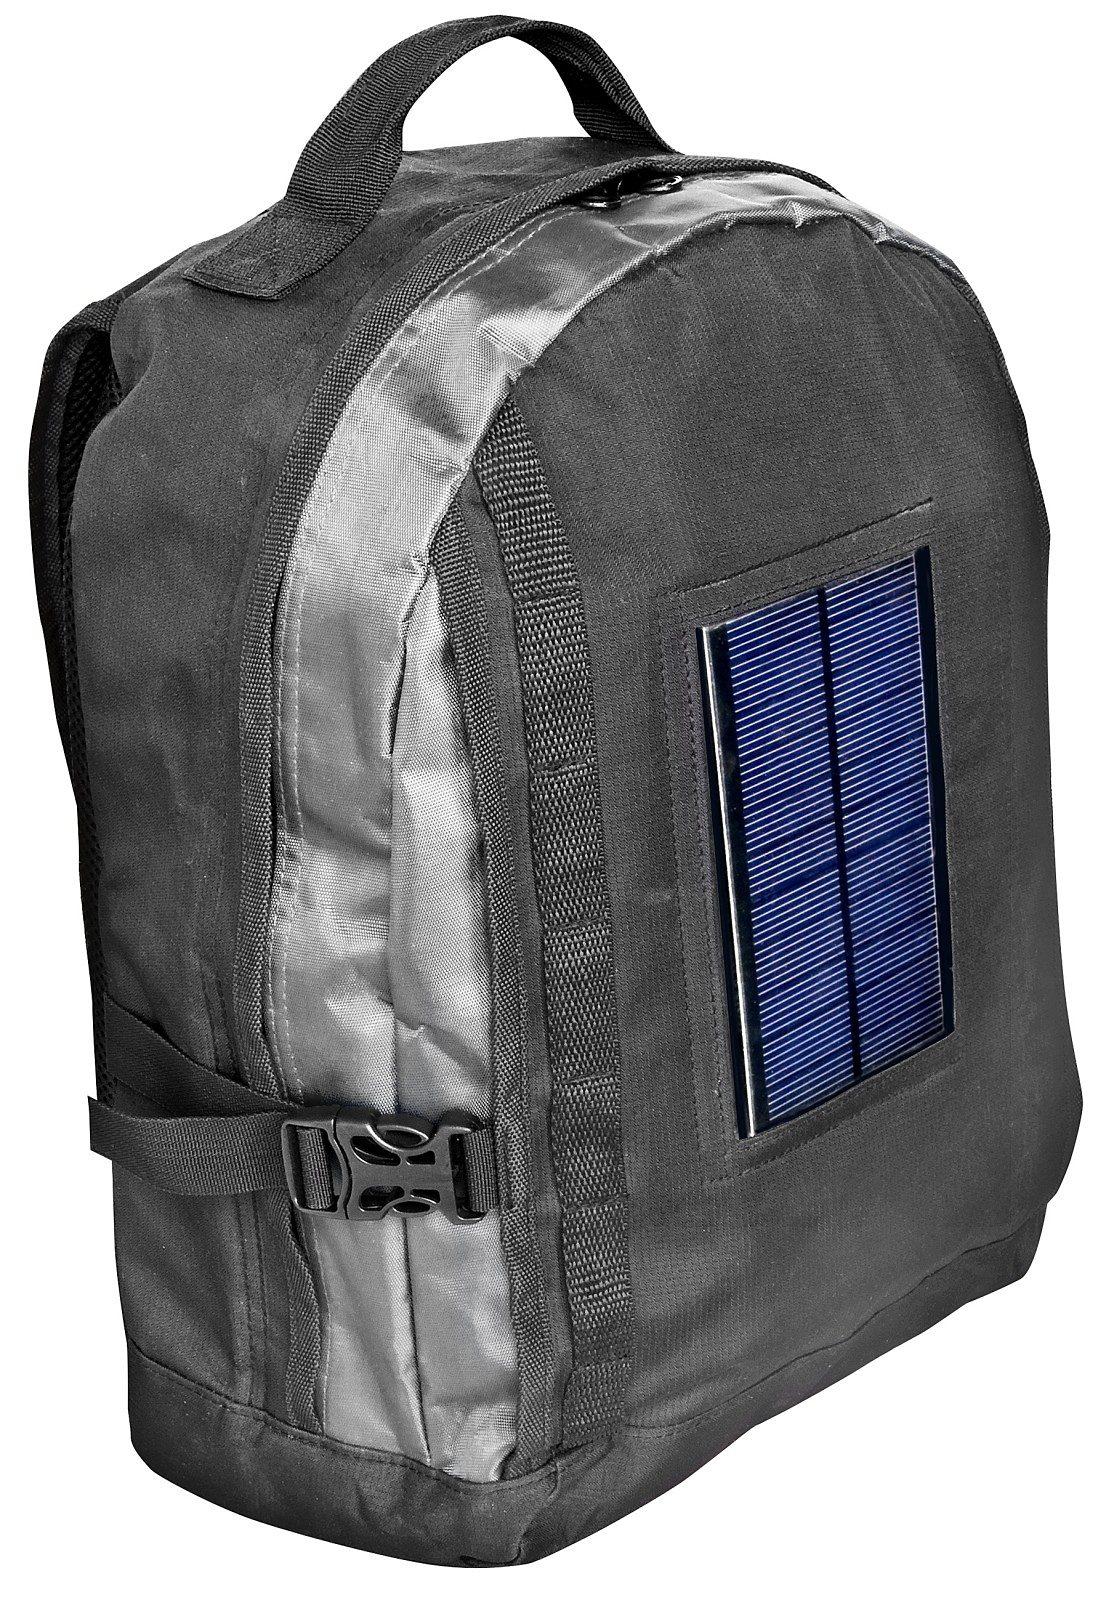 BRESSER Rucksack »Bresser Solar-Rucksack inkl. Akku«